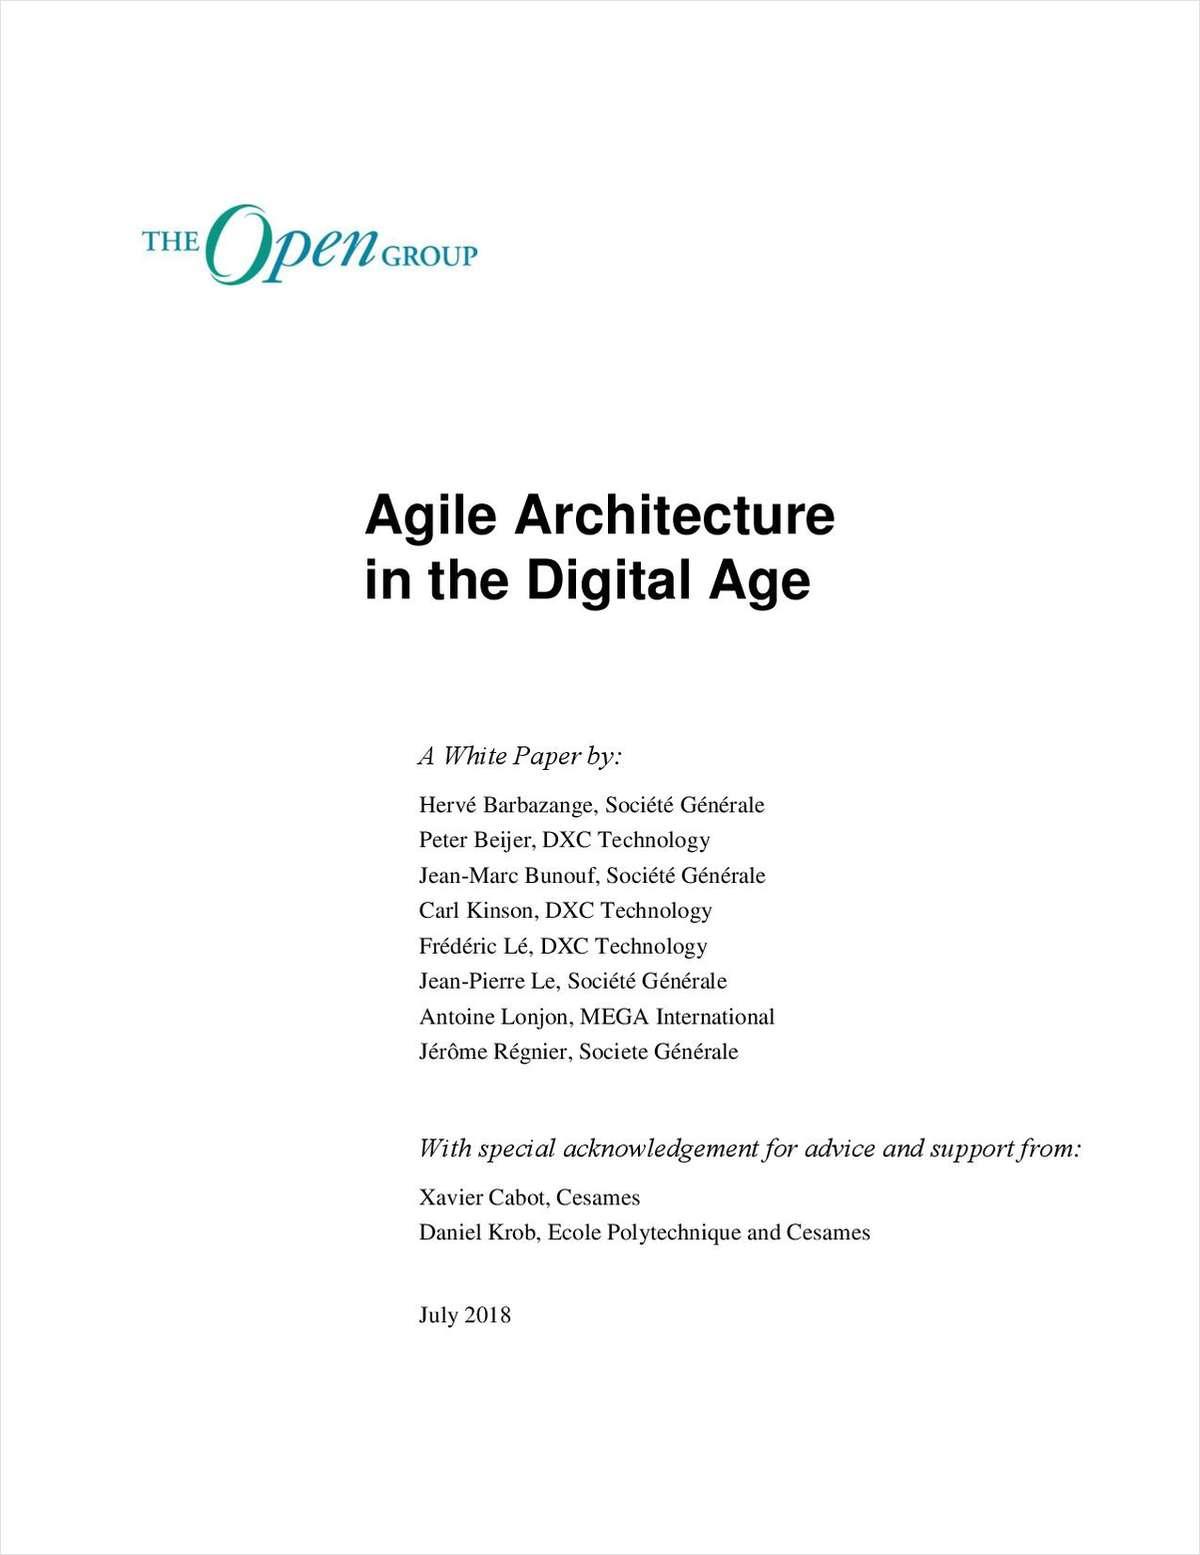 AGILE ARCHITECTURE IN THE DIGITAL AGE